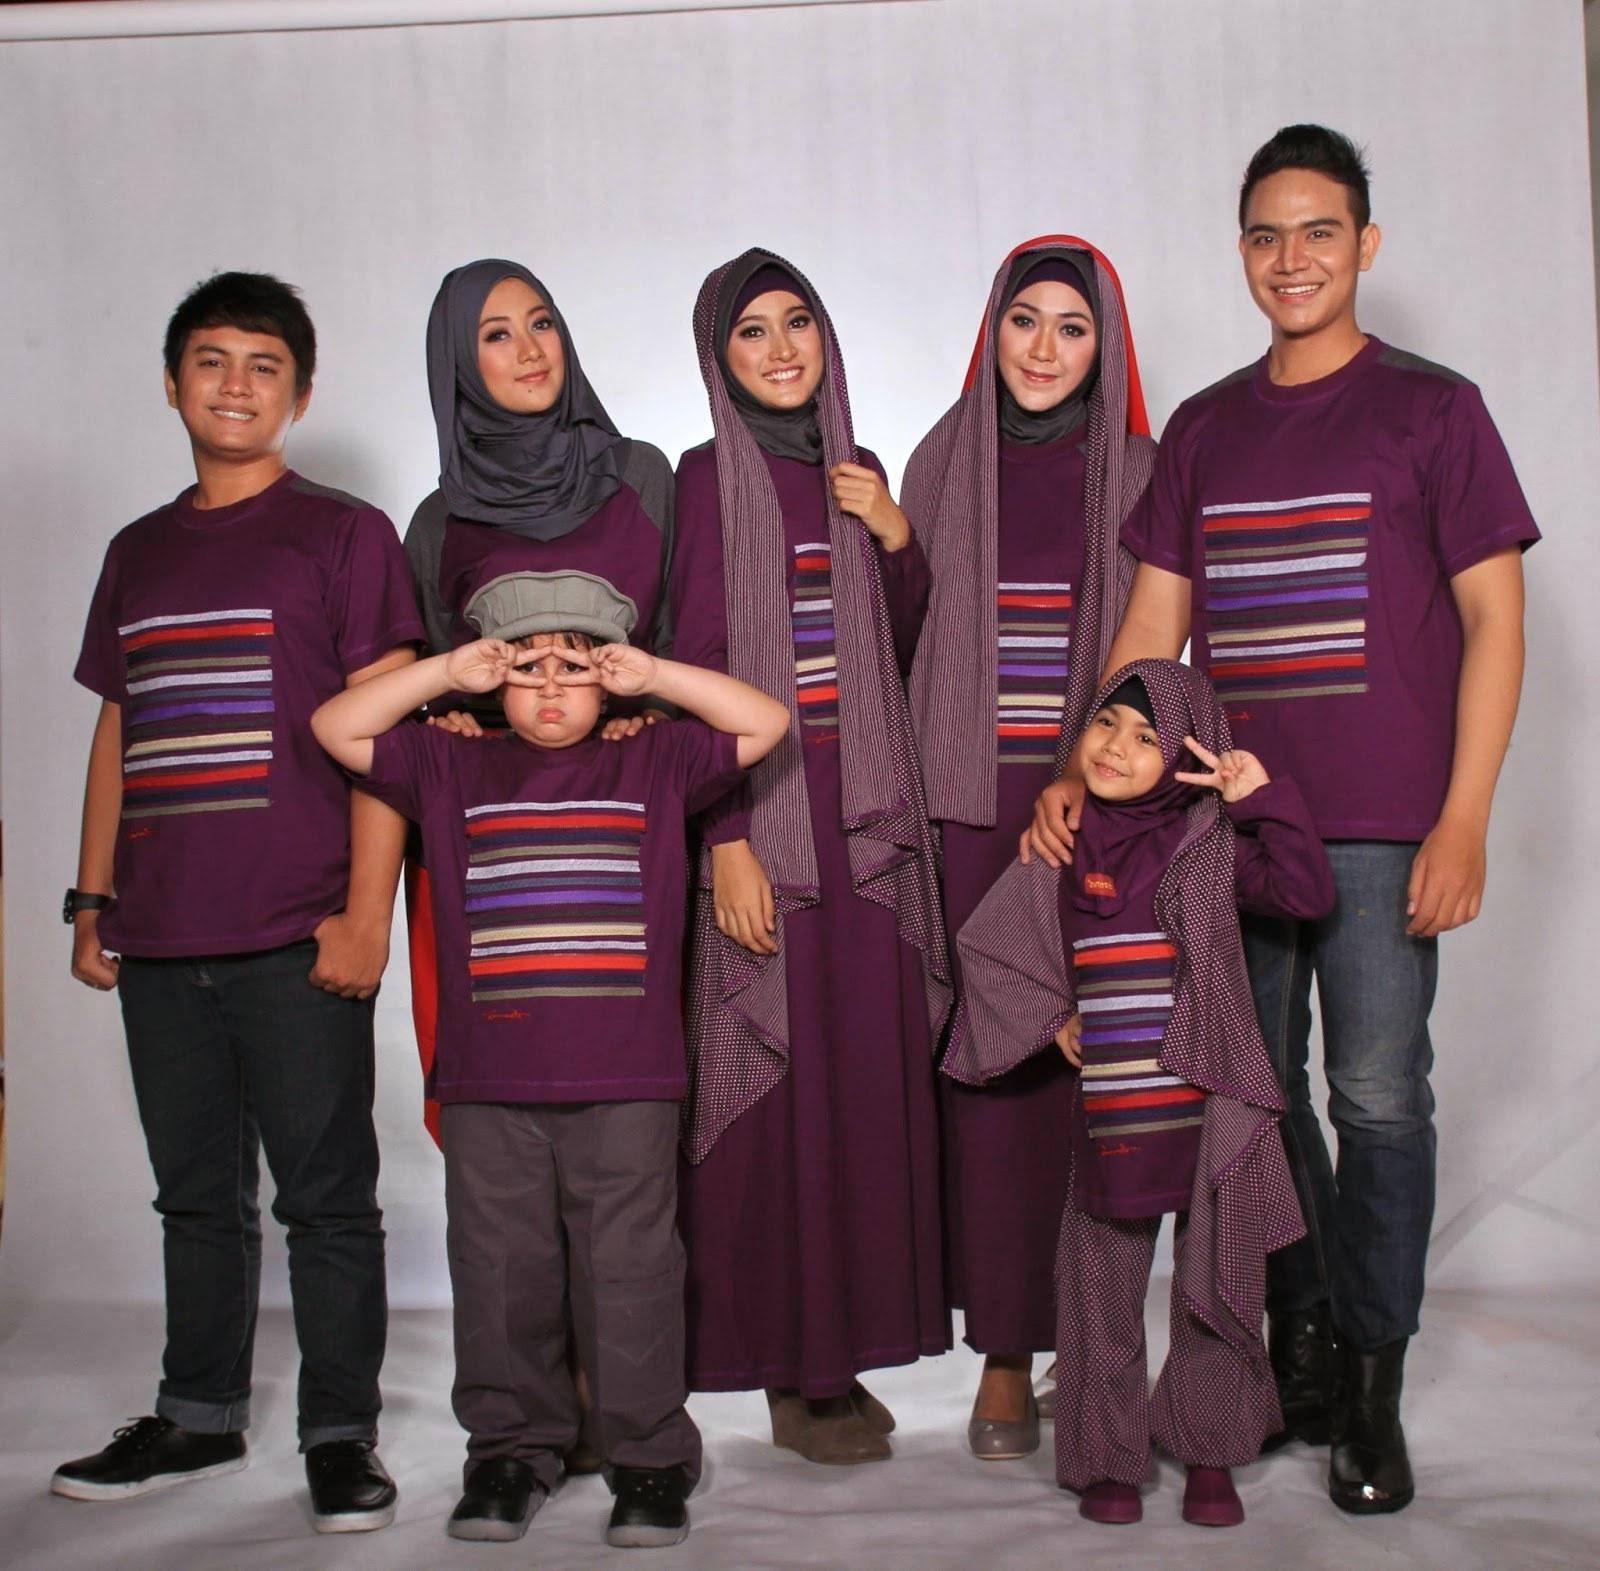 Inspirasi Baju Lebaran Keluarga 2017 Zwdg Model Baju Keluarga Untuk Hari Raya Lebaran 2018